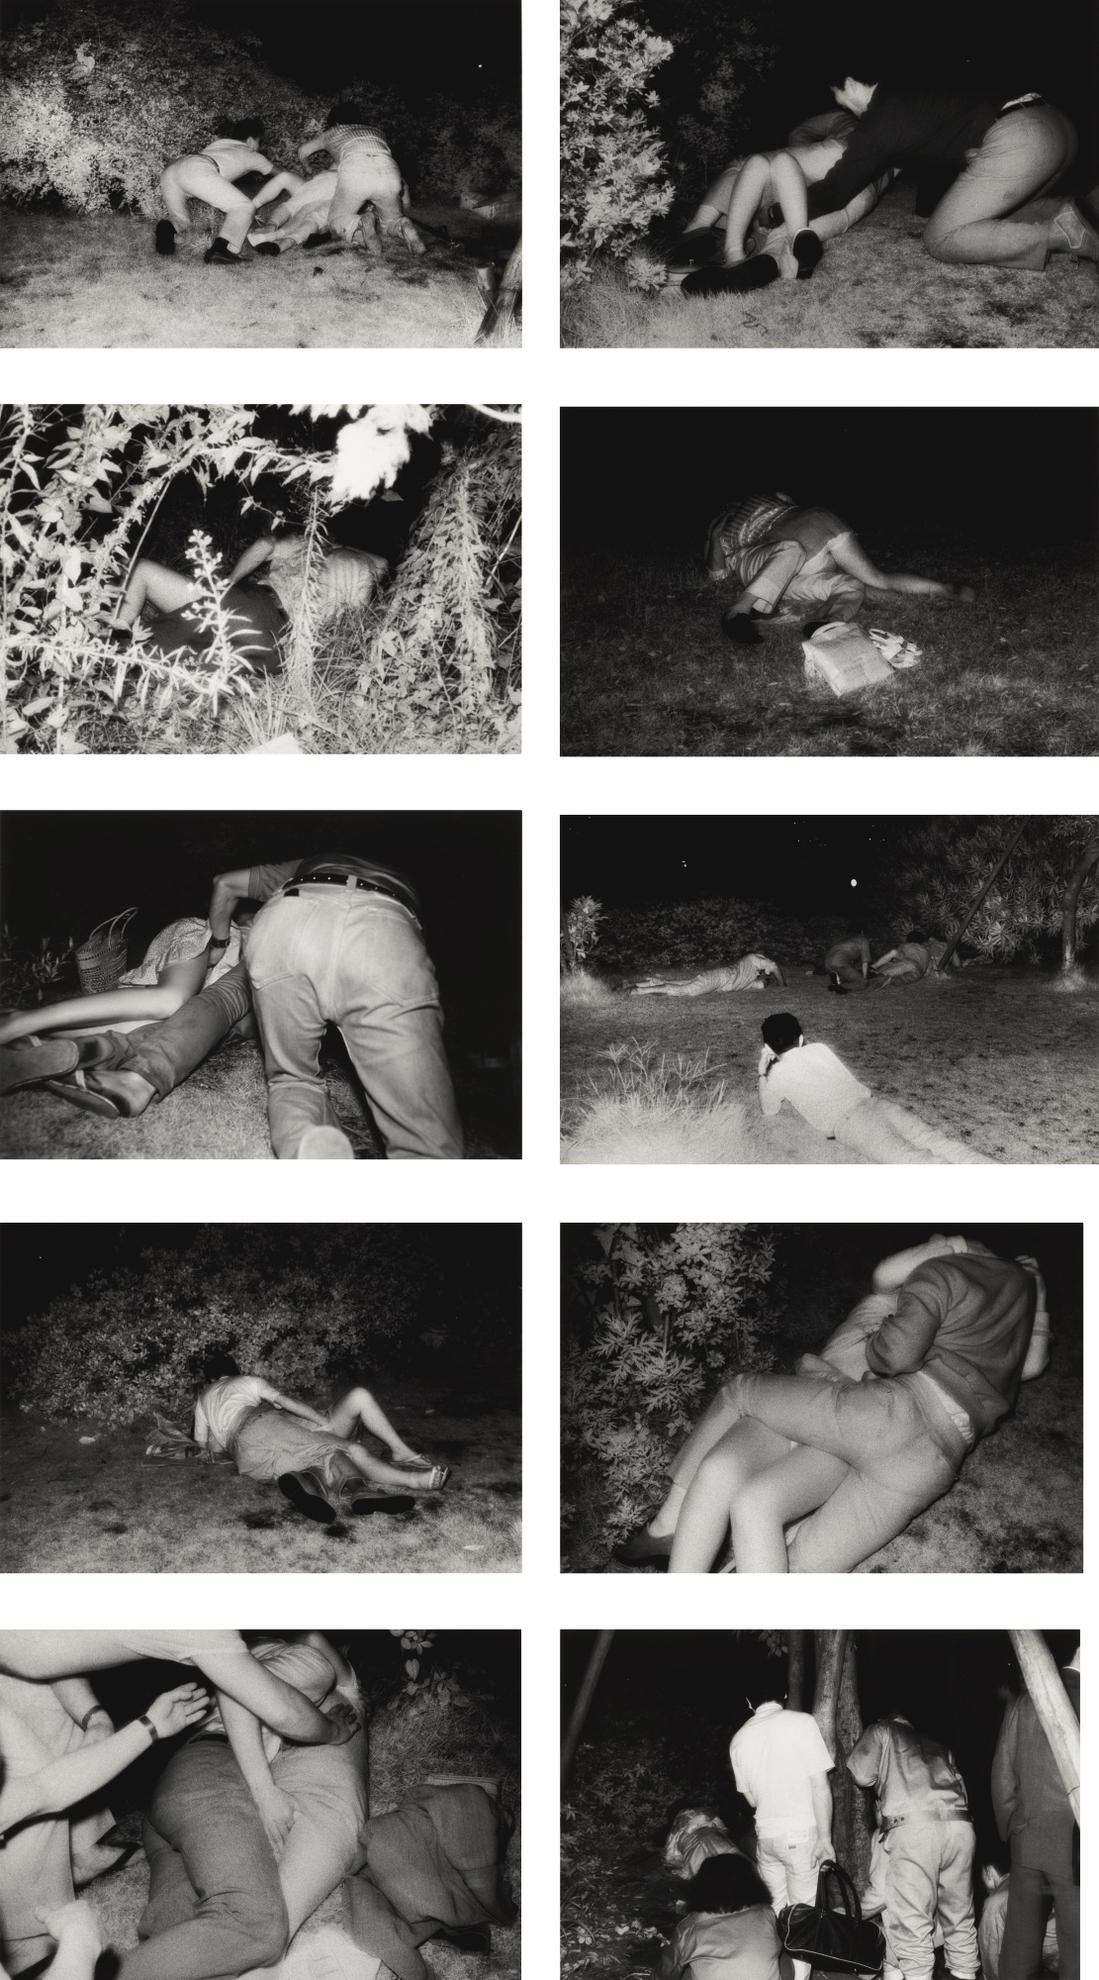 Kohei Yoshiyuki-The Park-1973